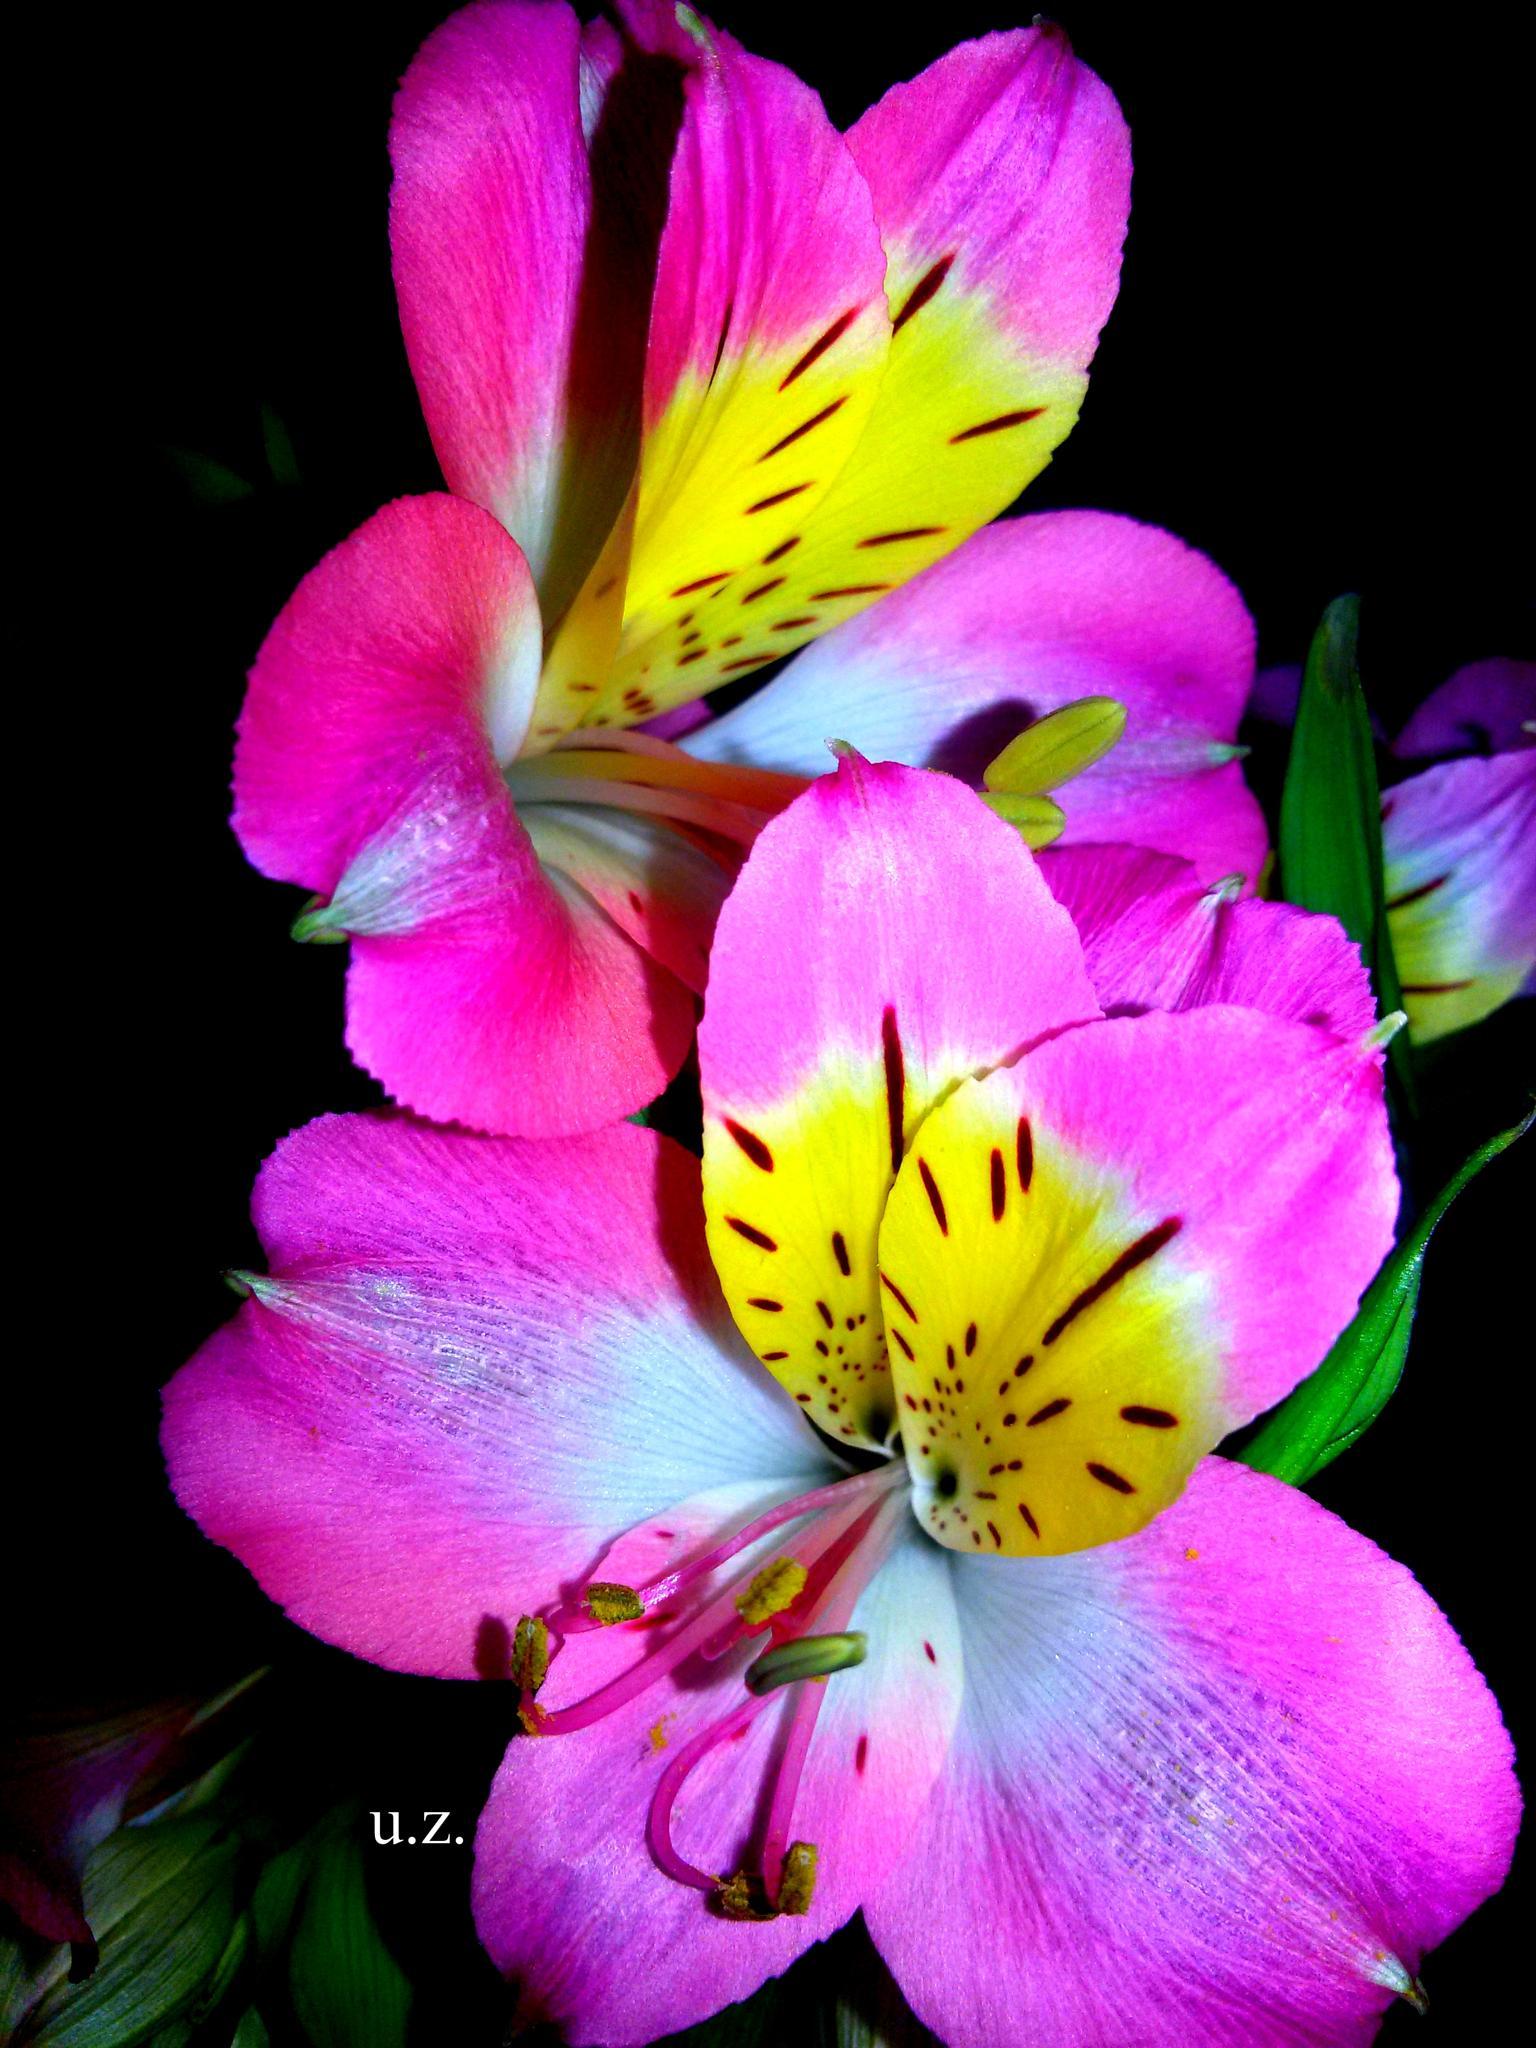 Flowers by Zita Užkuraitienė